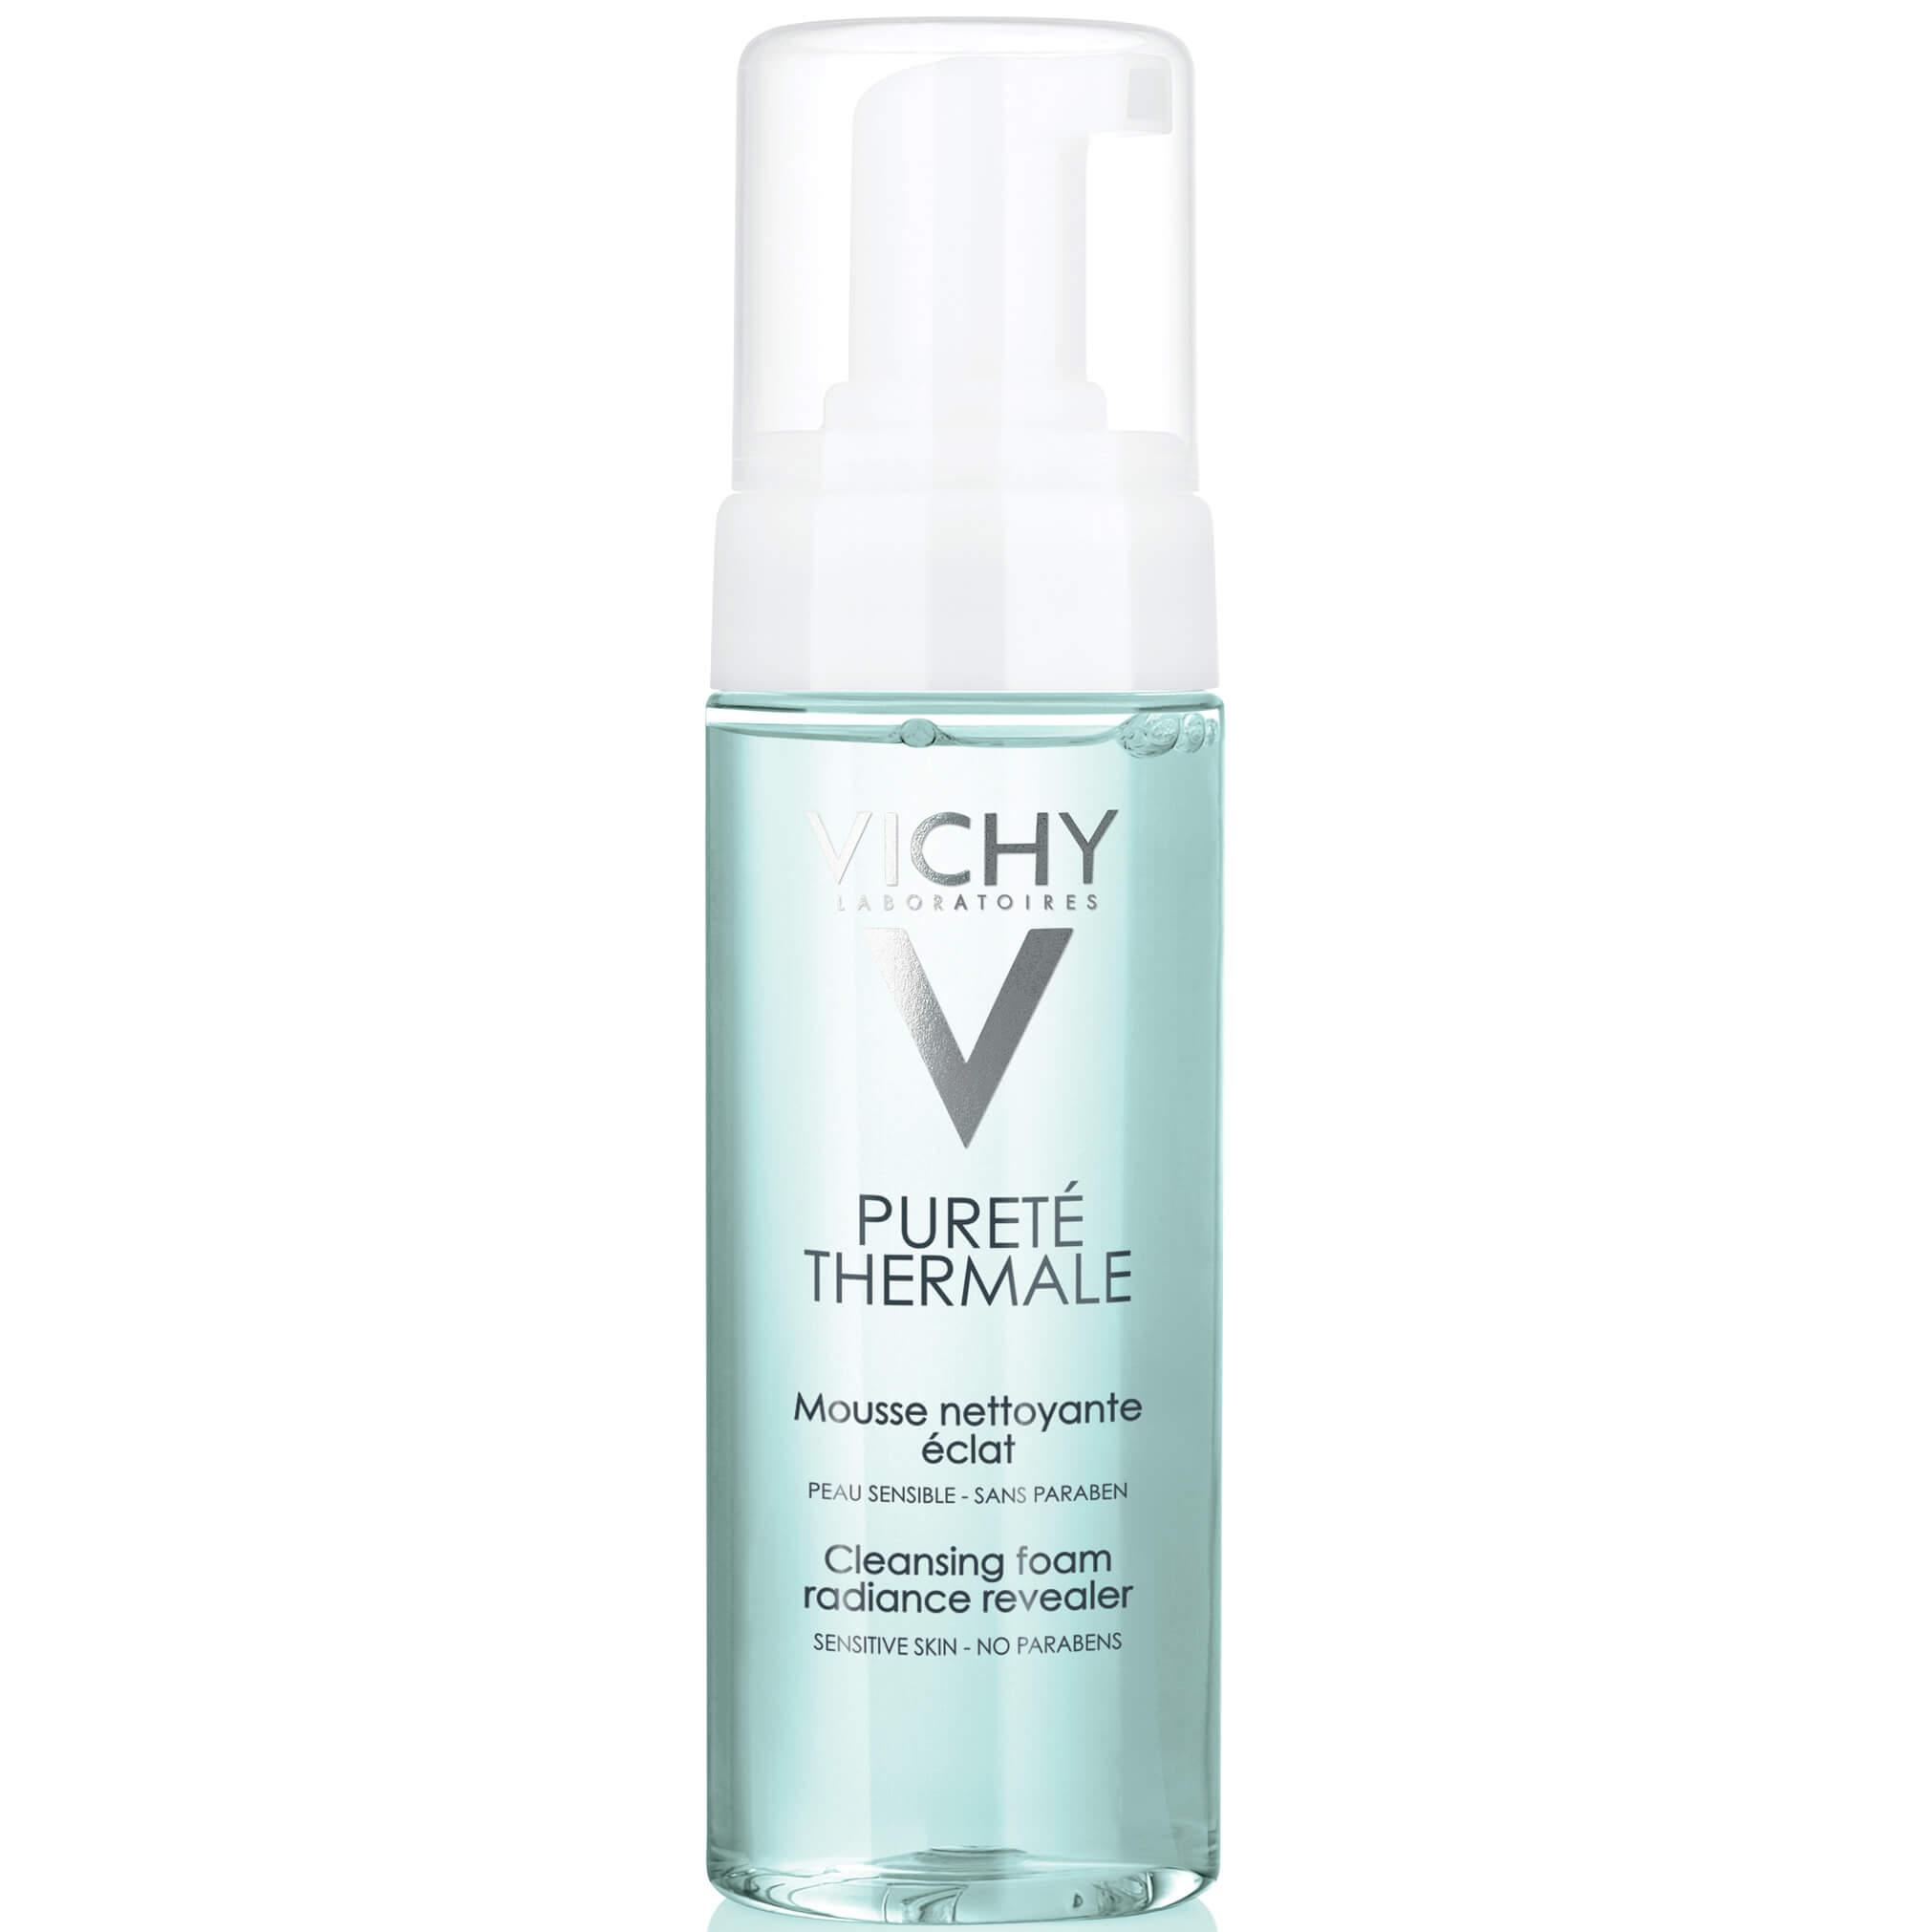 Vichy Purete Thermale Eau Moussante Nettoyante Αφρώδες Νερό Καθαρισμού 150ml